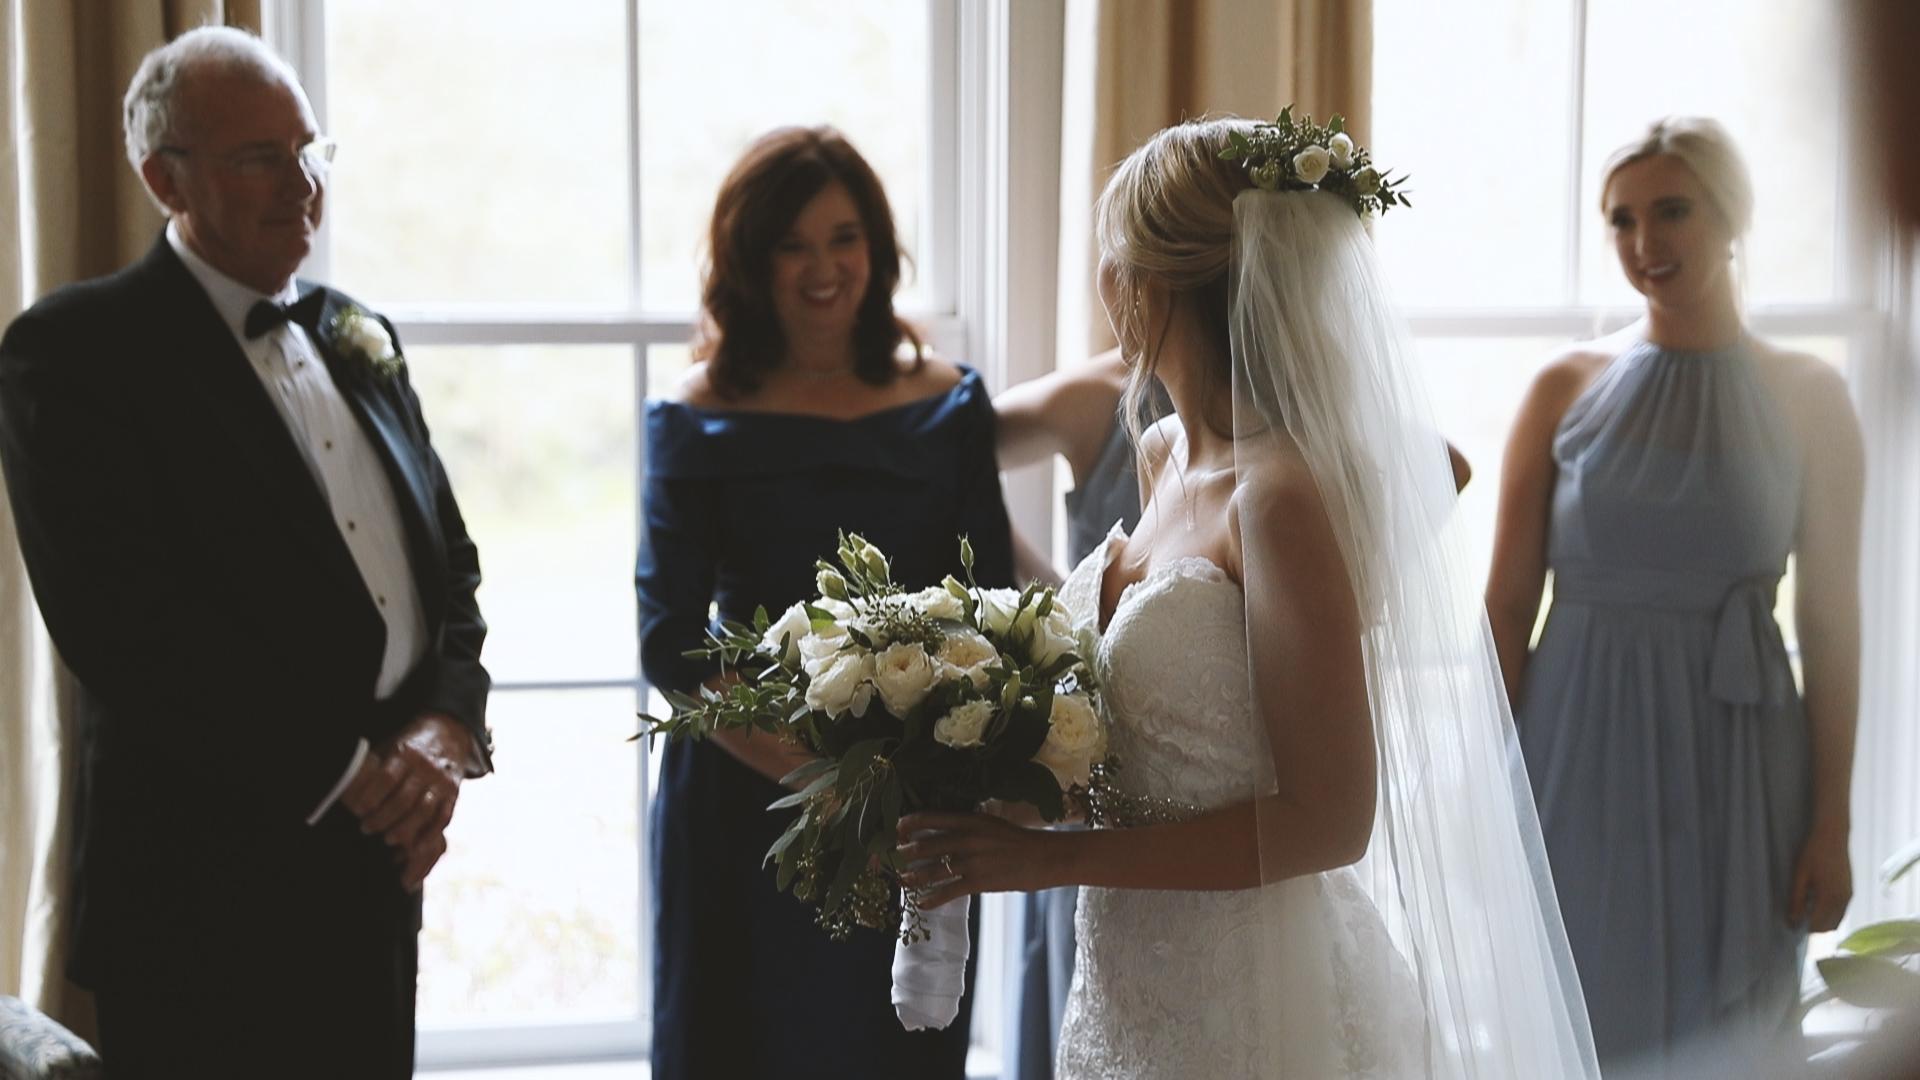 Floral Crown - Bride Film